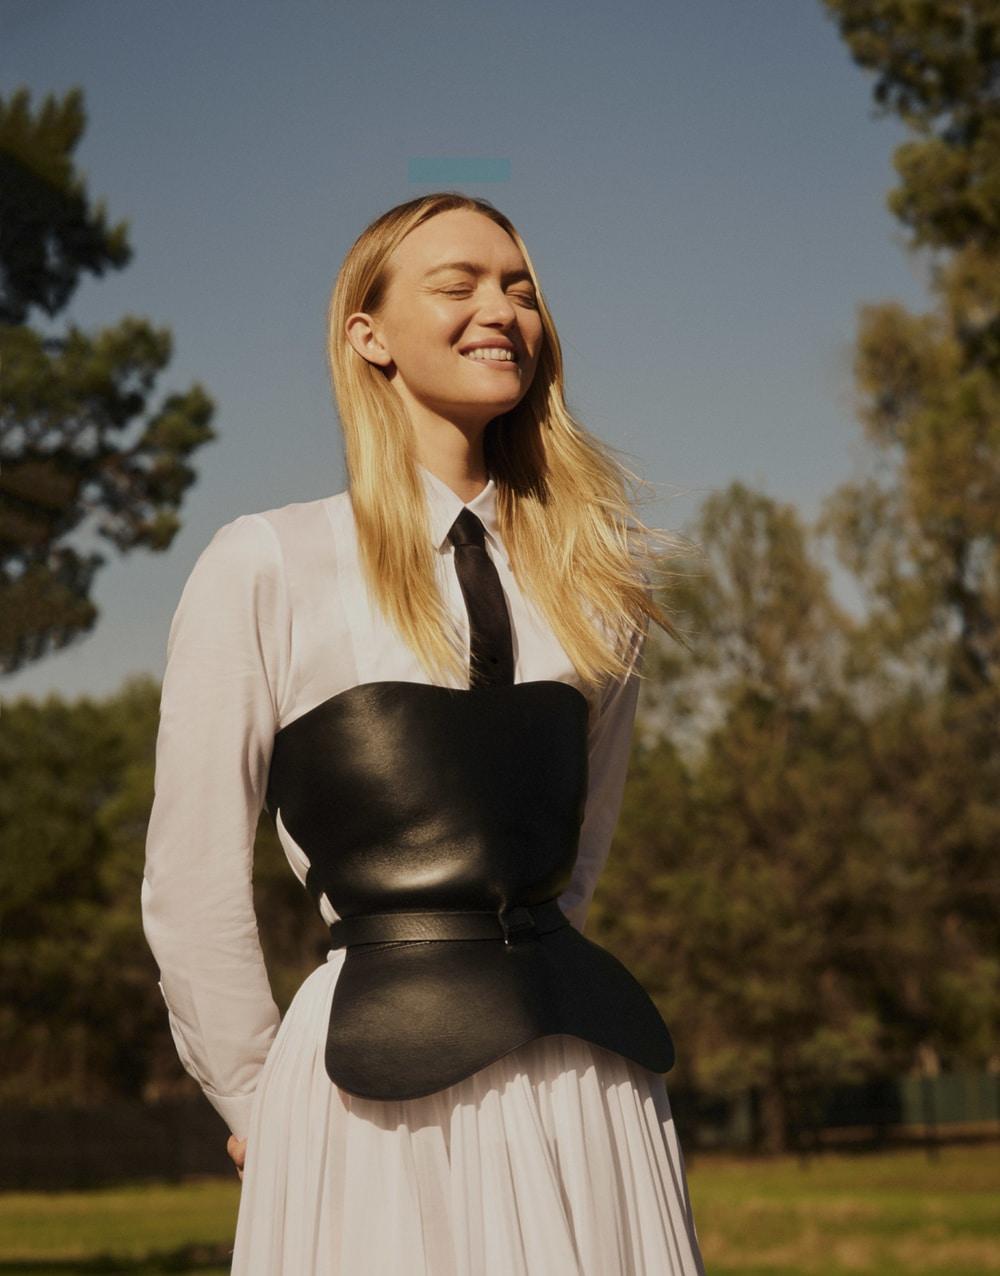 澳大利亚版《时尚芭莎》外景人像大片 时尚图库 第10张